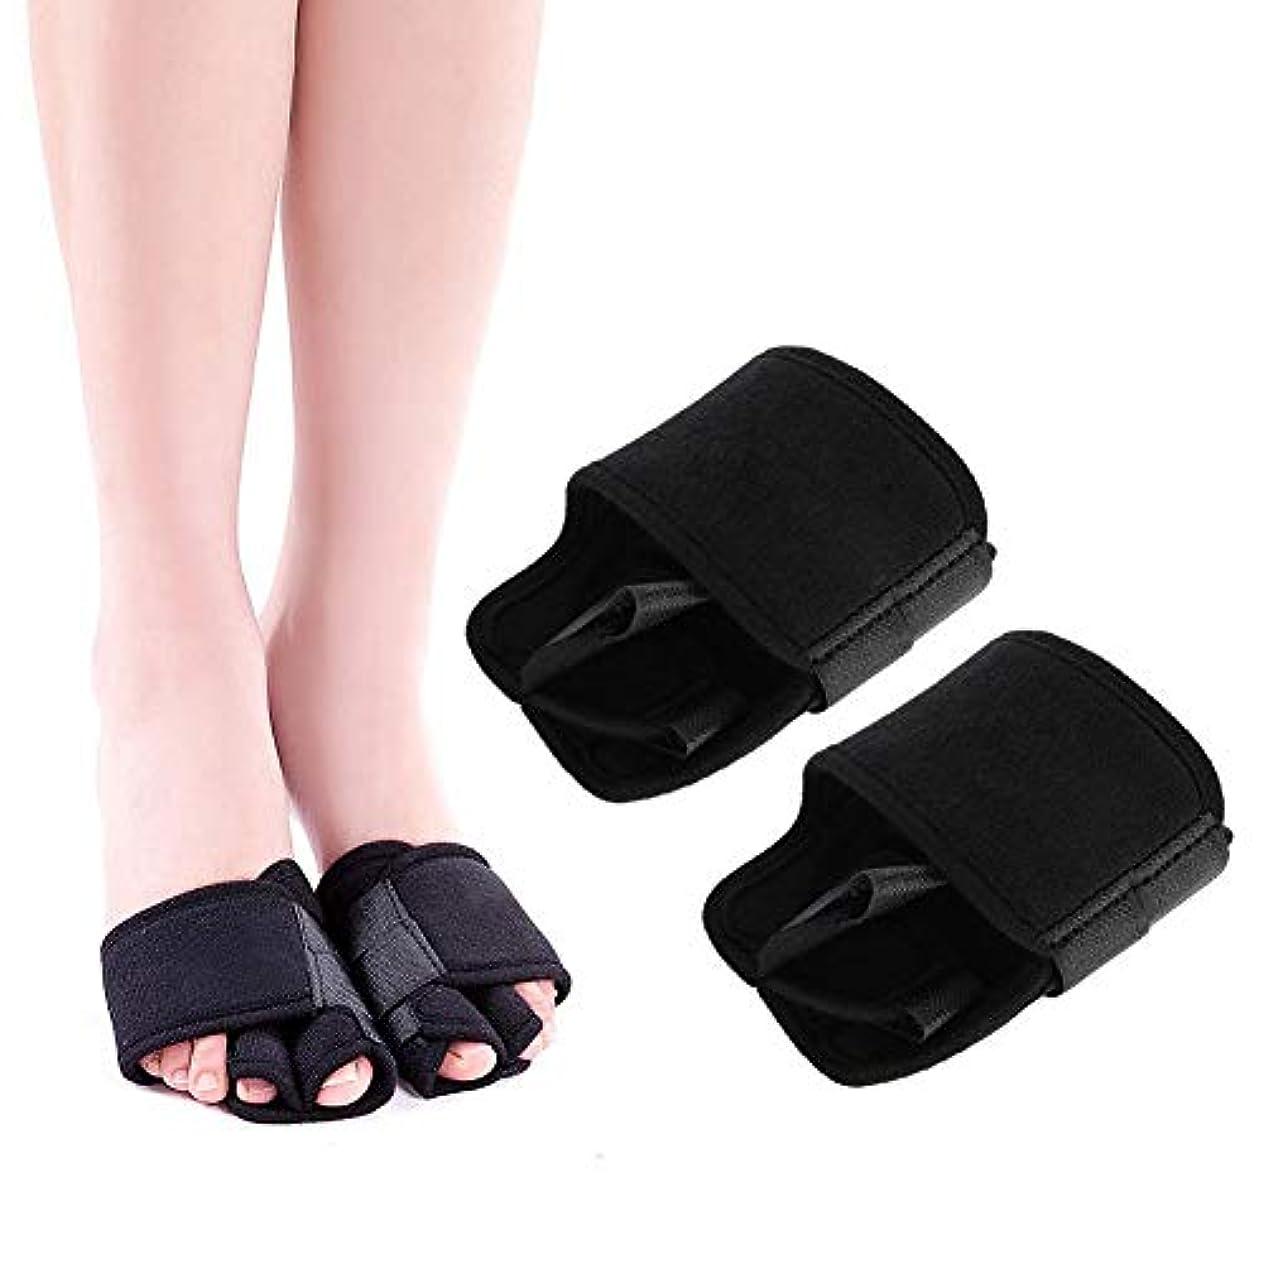 伝説野心インターネット外反母趾矯正具、腱腱矯正つま先プロテクターフットケア、効果的に痛みを和らげ、正しいつま先外反